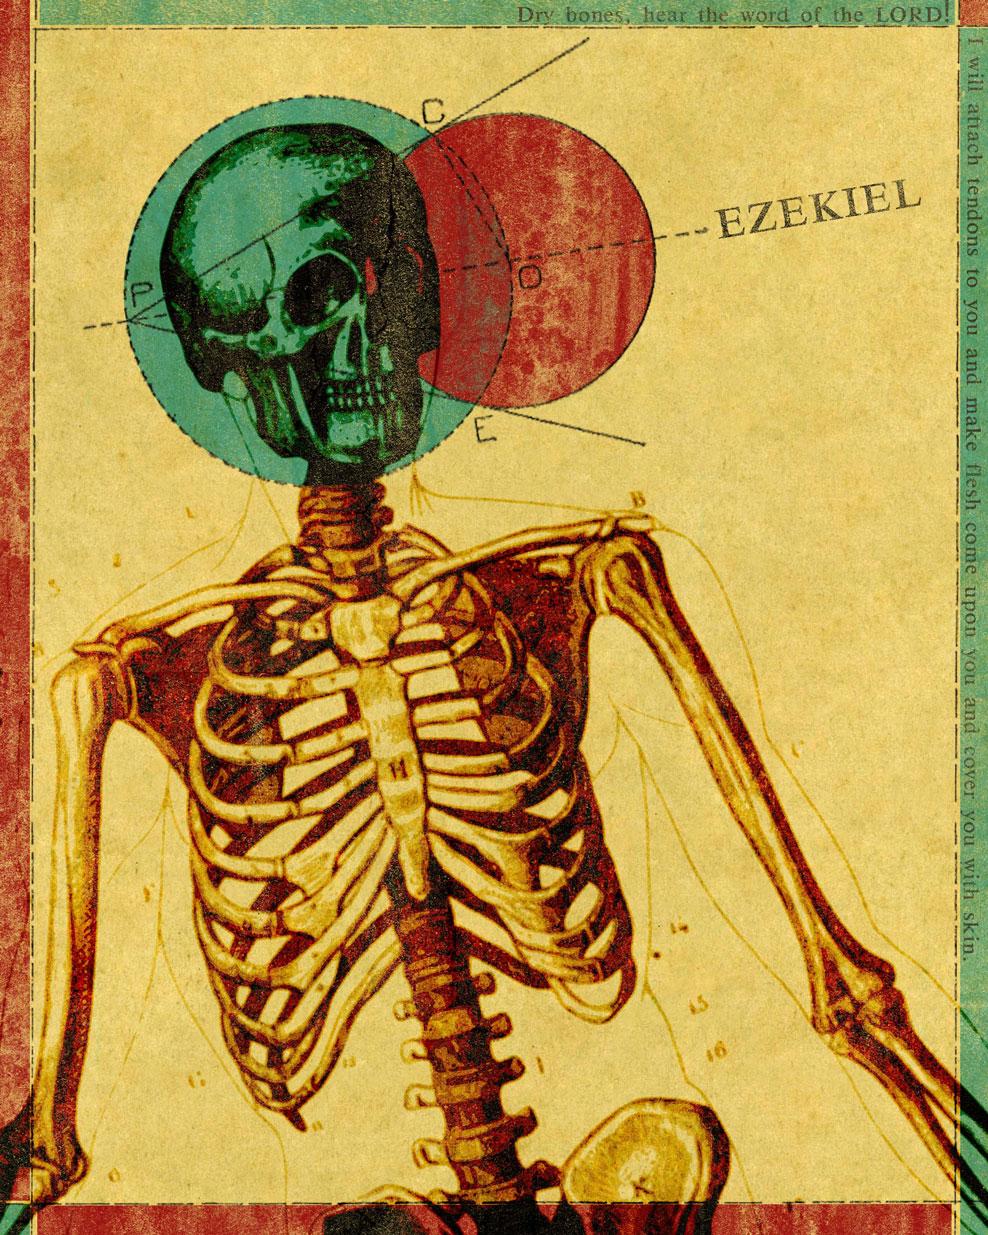 Word-8x10_26-Ezekiel_988.jpg